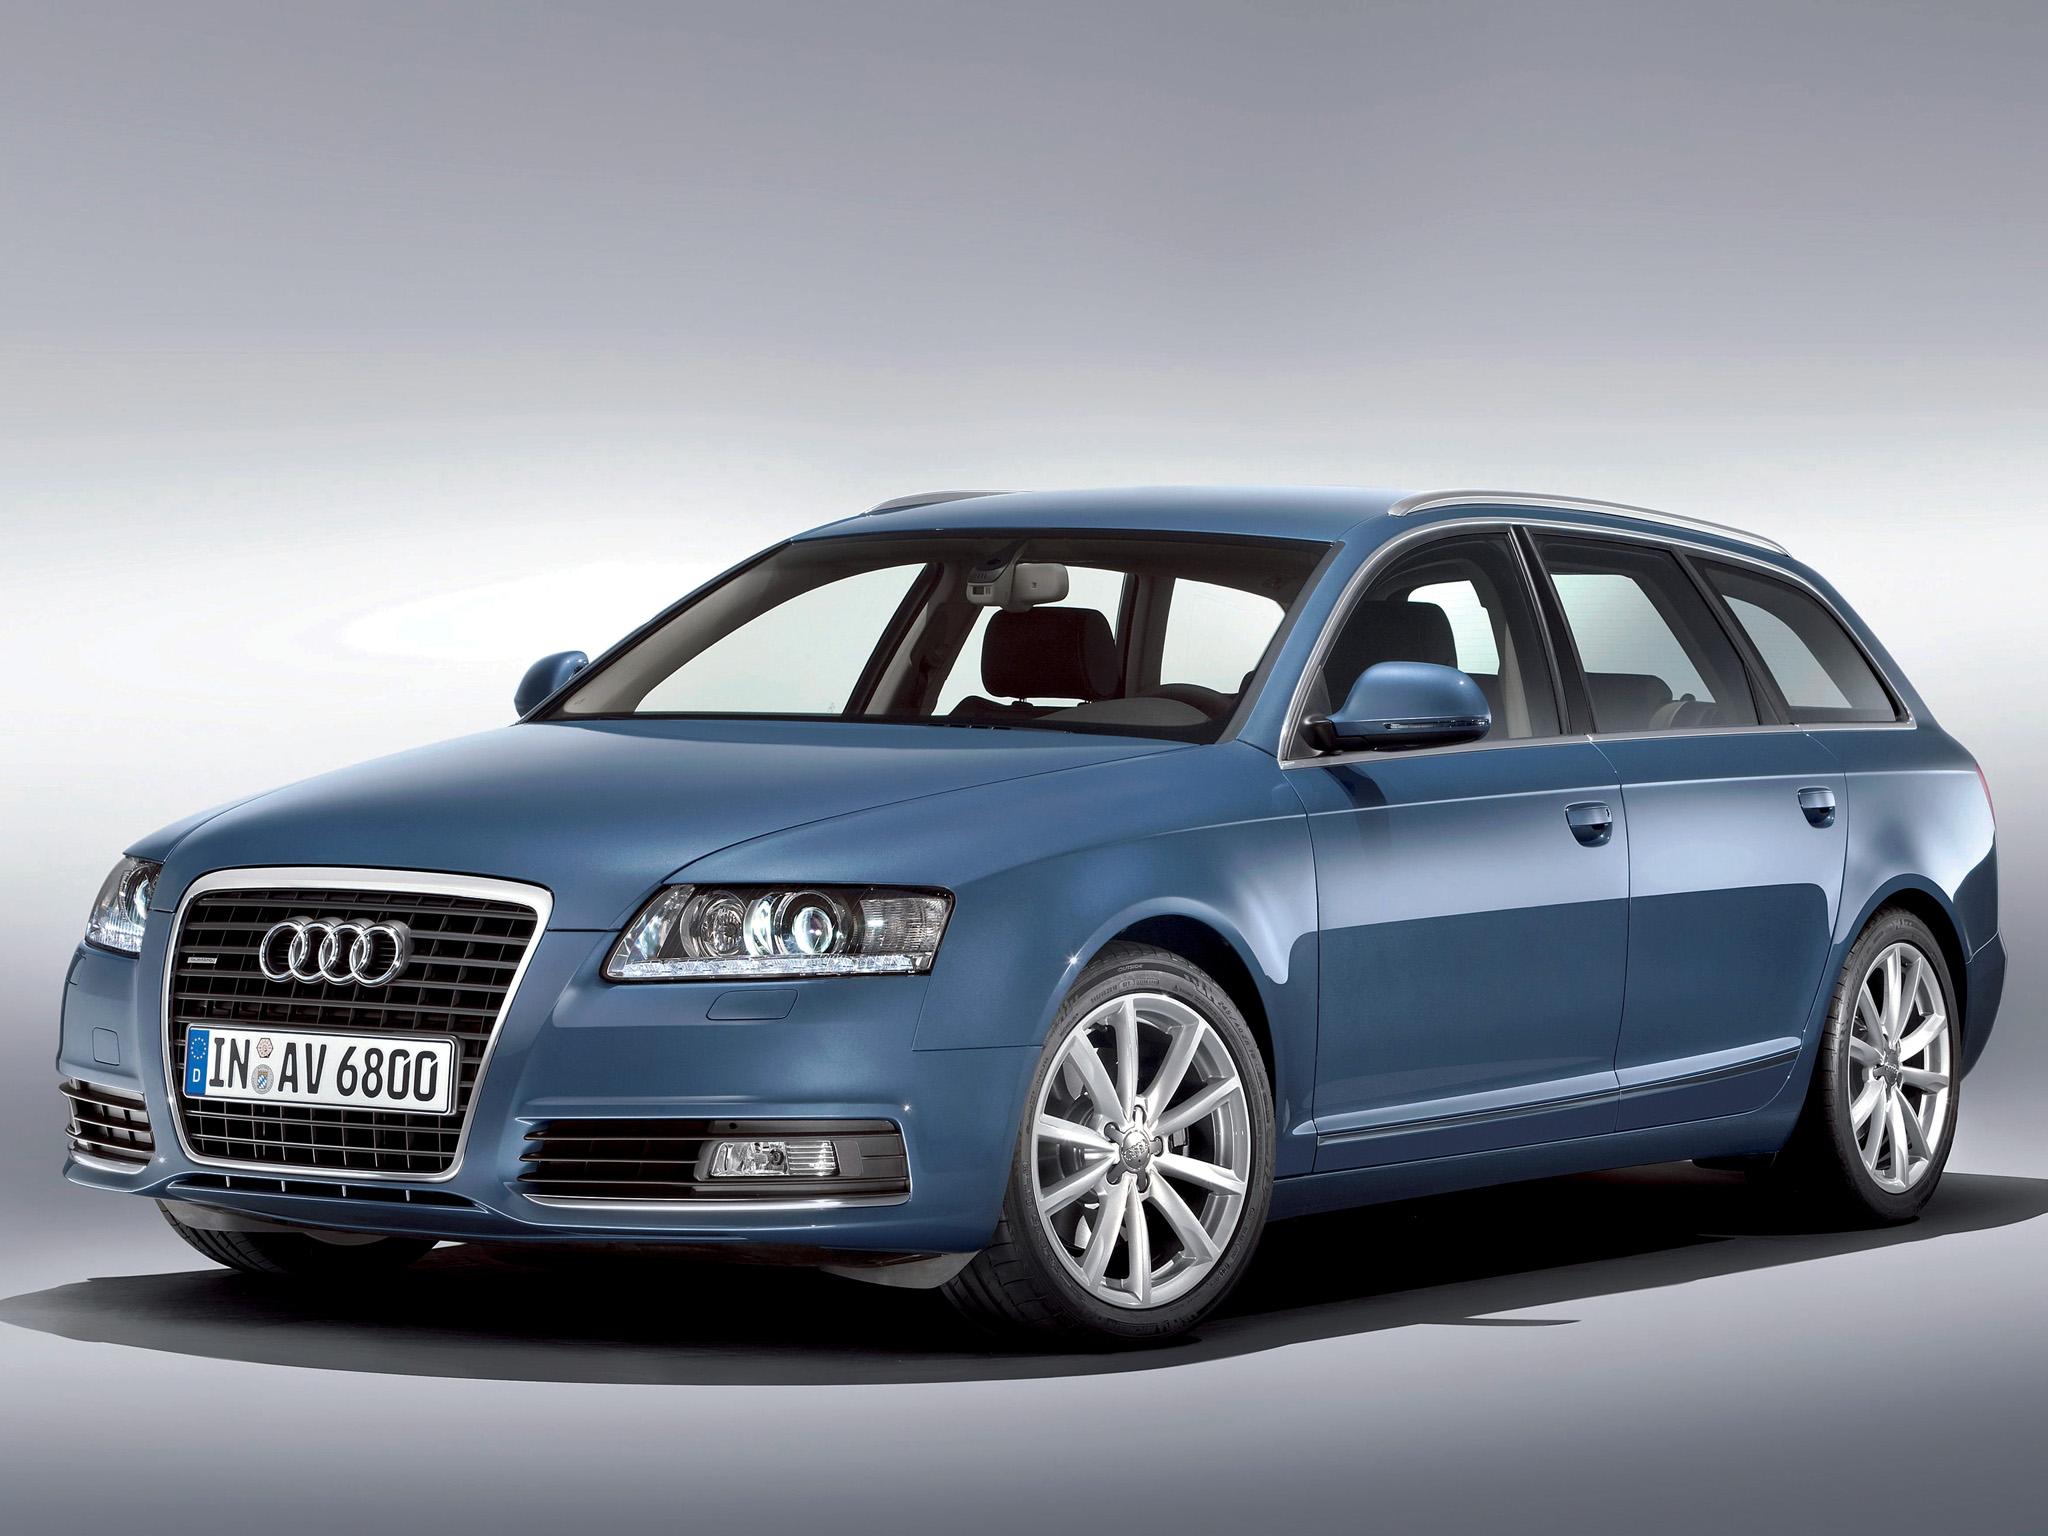 Audi A6 - Dossier - stationwagen - Autovisie.nl